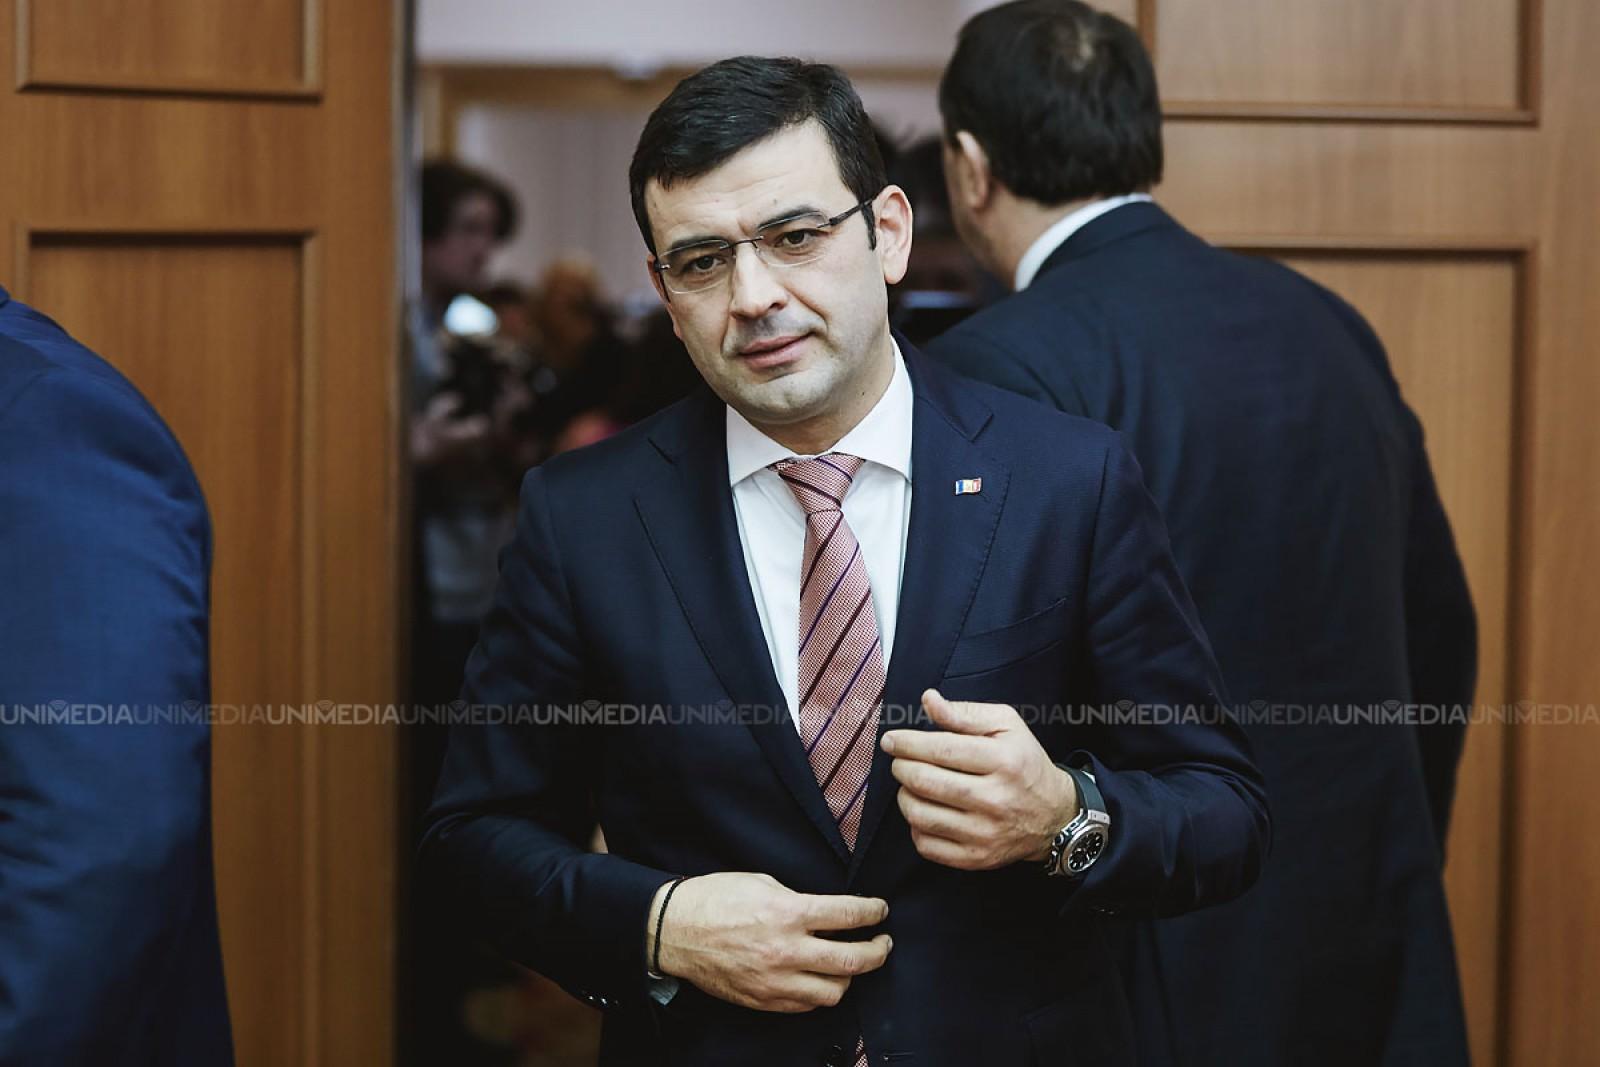 Chiril Gaburici a făcut și studii de doctorat, dar nu a susținut teza. Procuratura Generală refuză accesul la dosarul penal pe numele ministrului